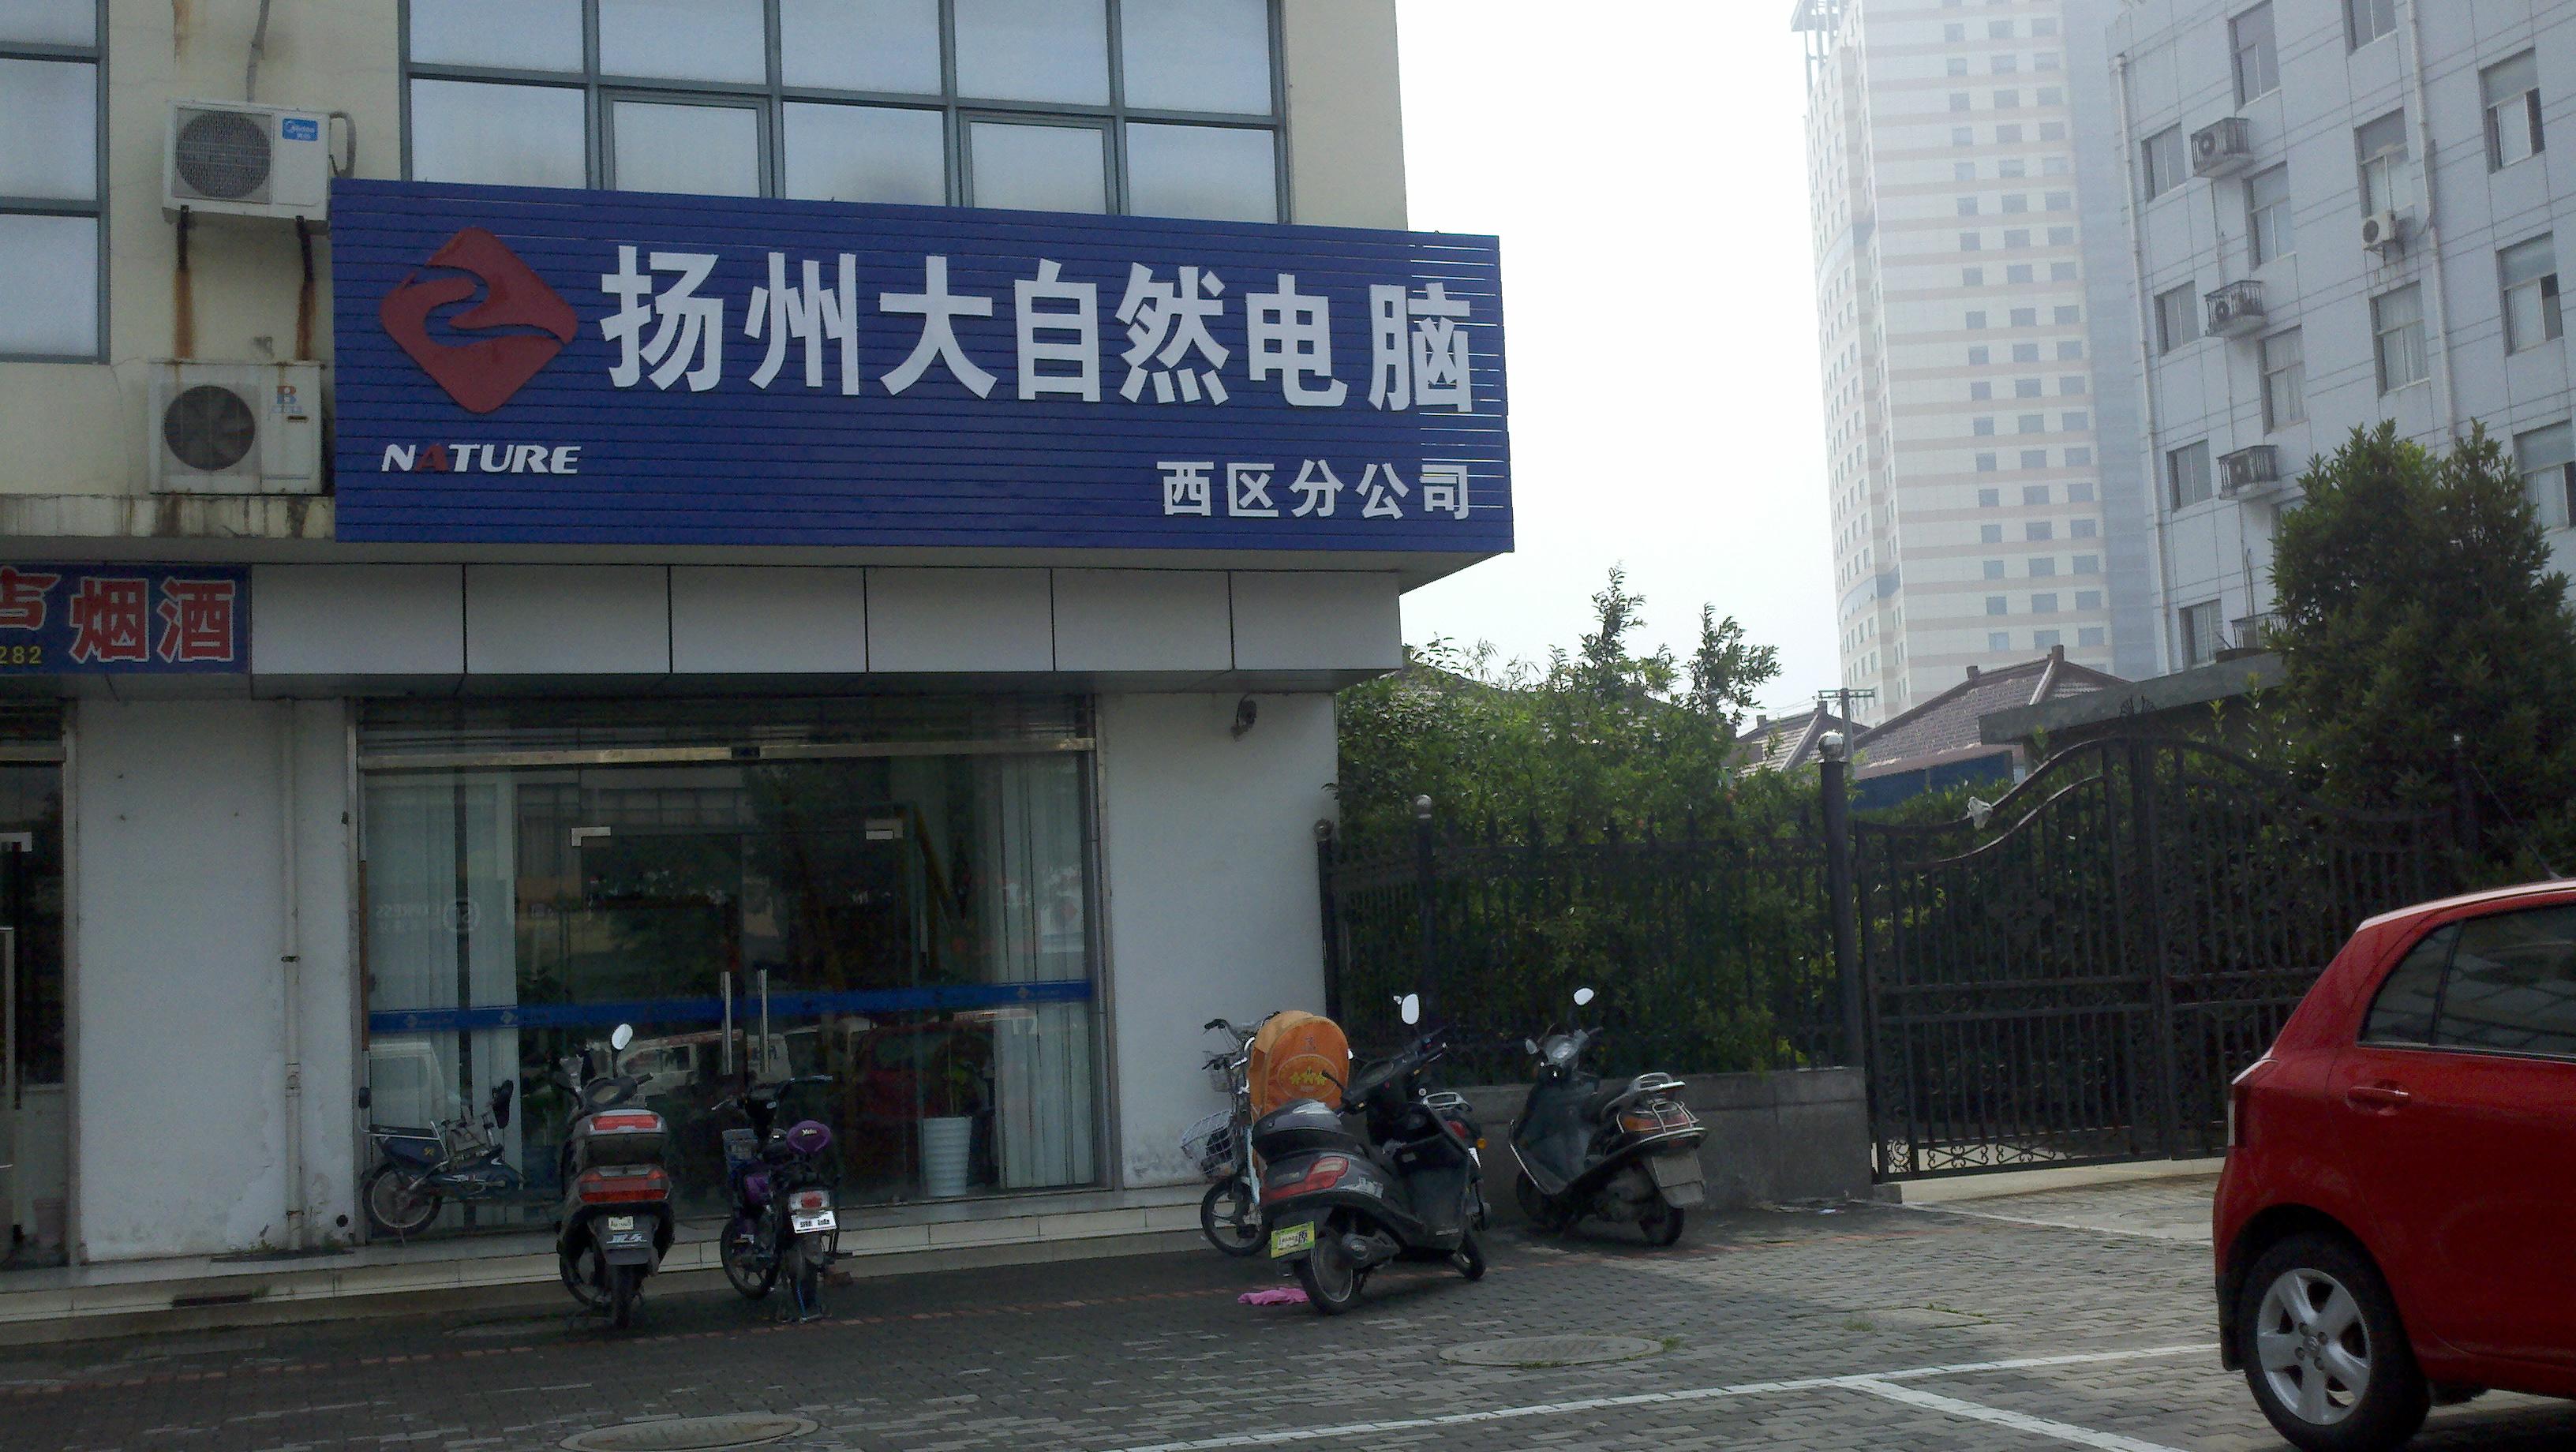 揚州大自然網絡信息有限公司